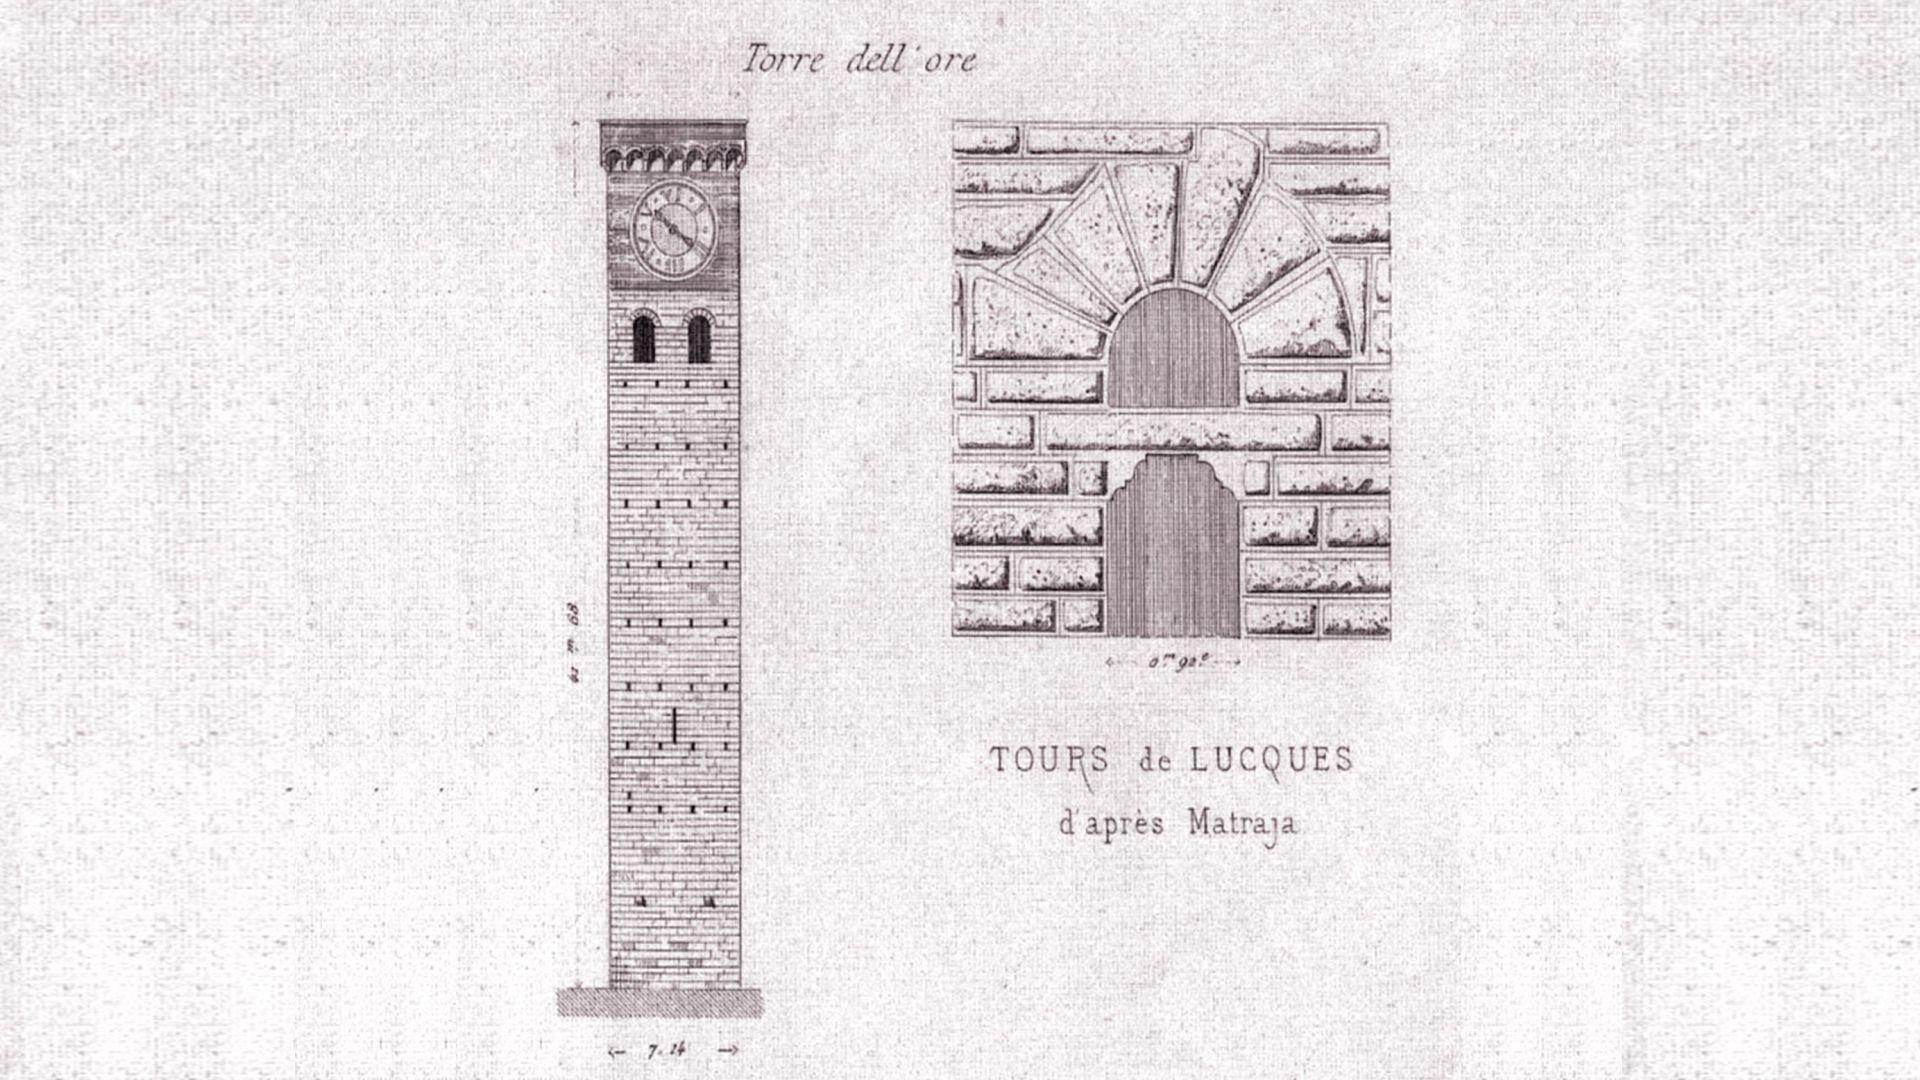 disegno antico della torre delle ore